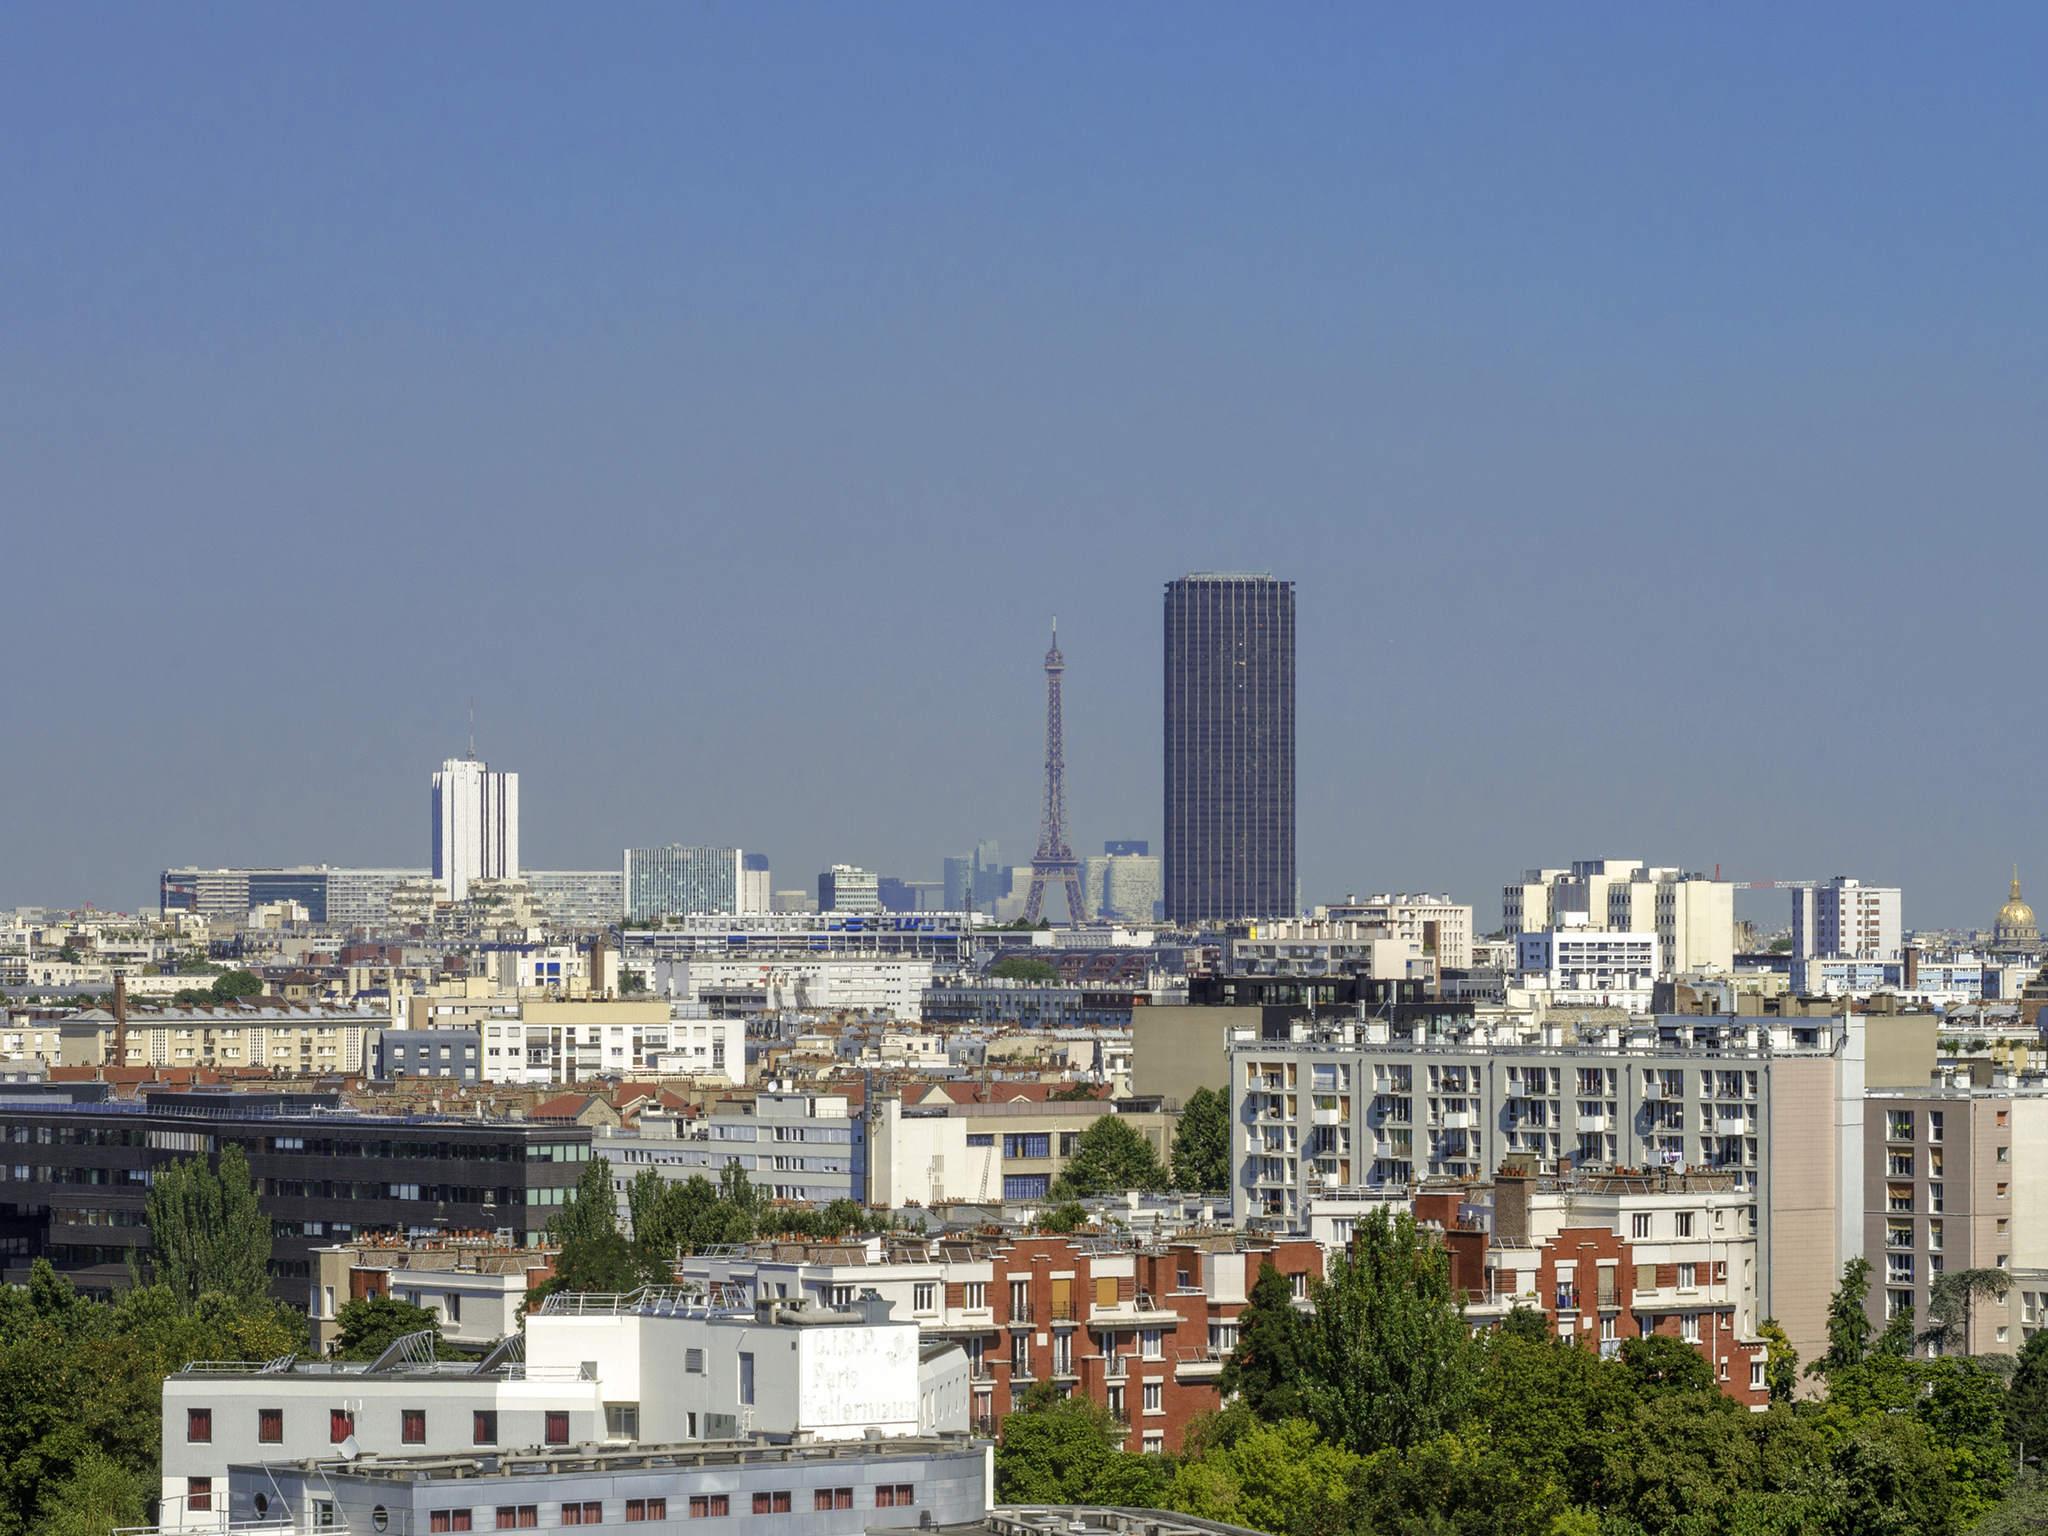 فندق - ibis Styles باريس ميتيور أفينيو ديتالي، يفتح أبوابه في مايو 2019